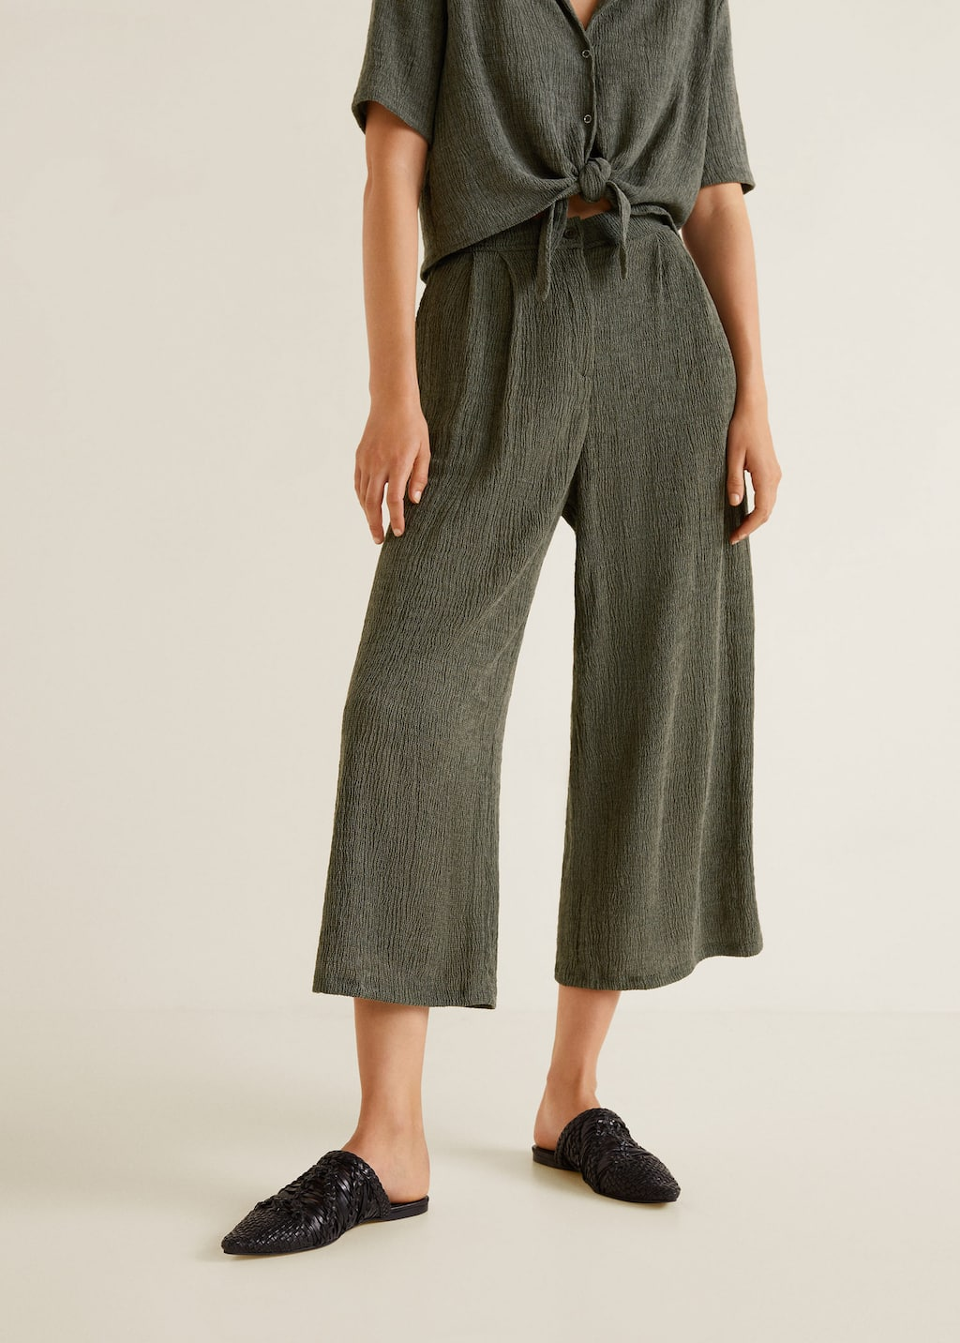 1fb11fd44c16 Pants & leggings | Shoppr Malaysia